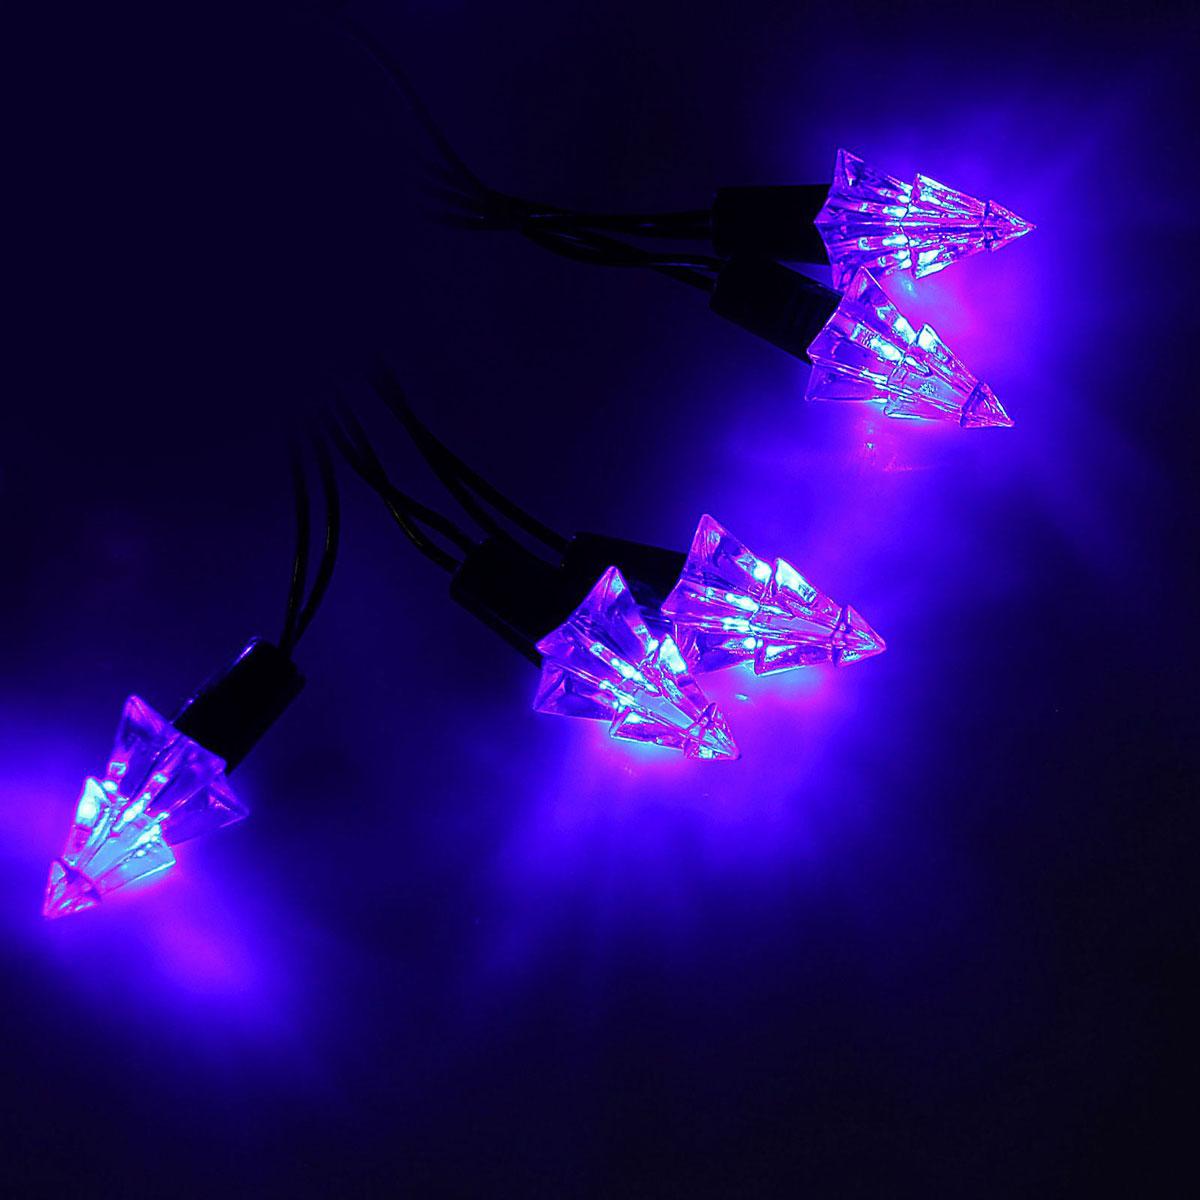 Гирлянда светодиодная Luazon Метраж. Елка маленькая, уличная с насадкой, 8 режимов, 40 ламп, 220 V, 5 м, цвет: синий. 10800911080091Светодиодные гирлянды, ленты и т.д. — это отличный вариант для новогоднего оформления интерьера или фасада. С их помощью помещение любого размера можно превратить в праздничный зал, а внешние элементы зданий, украшенные ими, мгновенно станут напоминать очертания сказочного дворца. Такие украшения создают ауру предвкушения чуда. Деревья, фасады, витрины, окна и арки будто специально созданы, чтобы вы украсили их светящимися нитями.